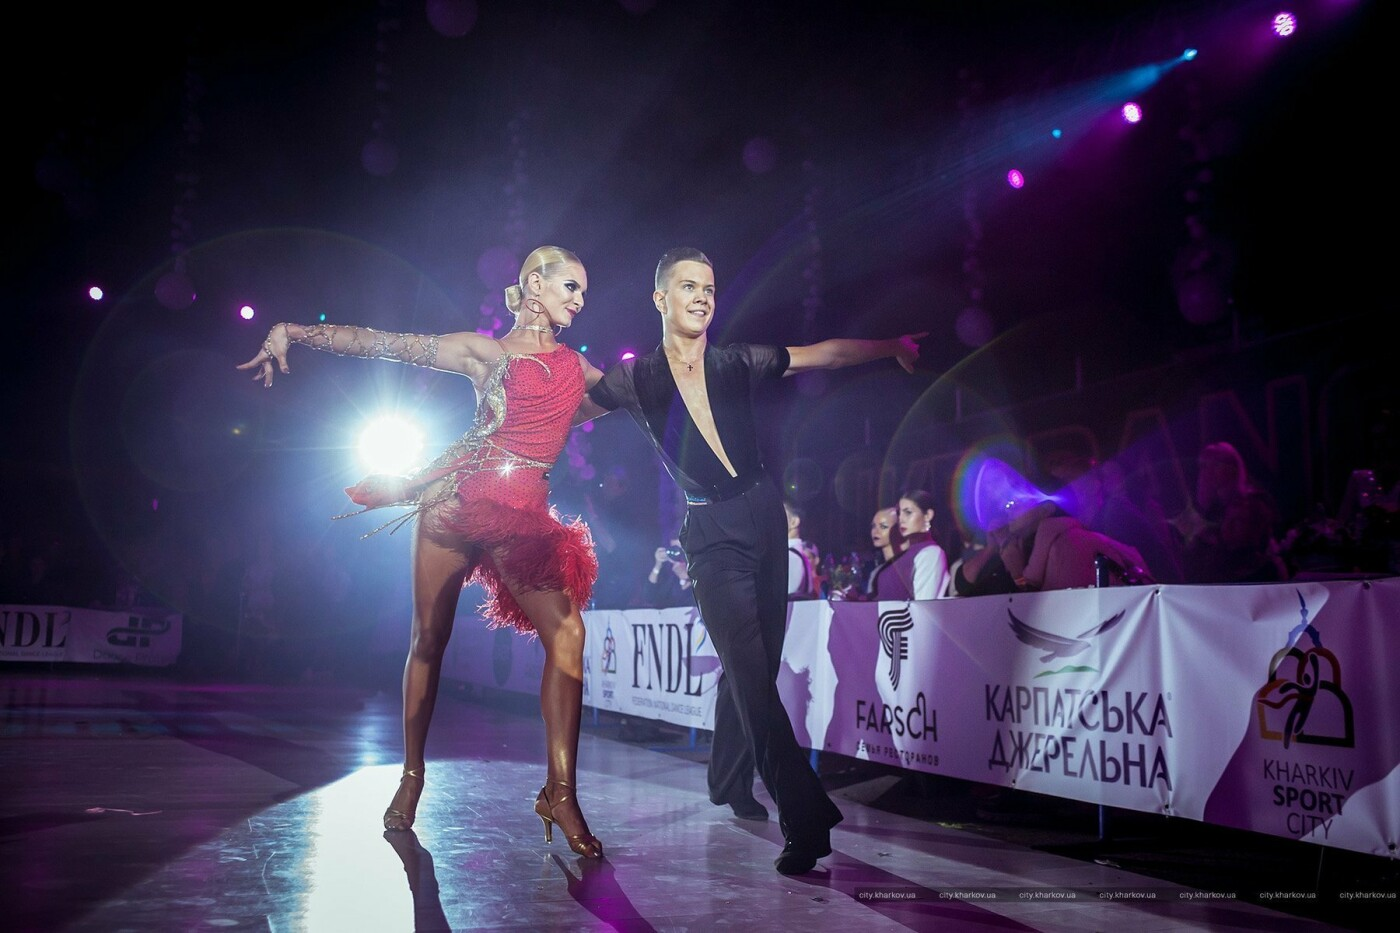 В Харькове прошел Международный фестиваль спортивного бального танца, - ФОТО, фото-1